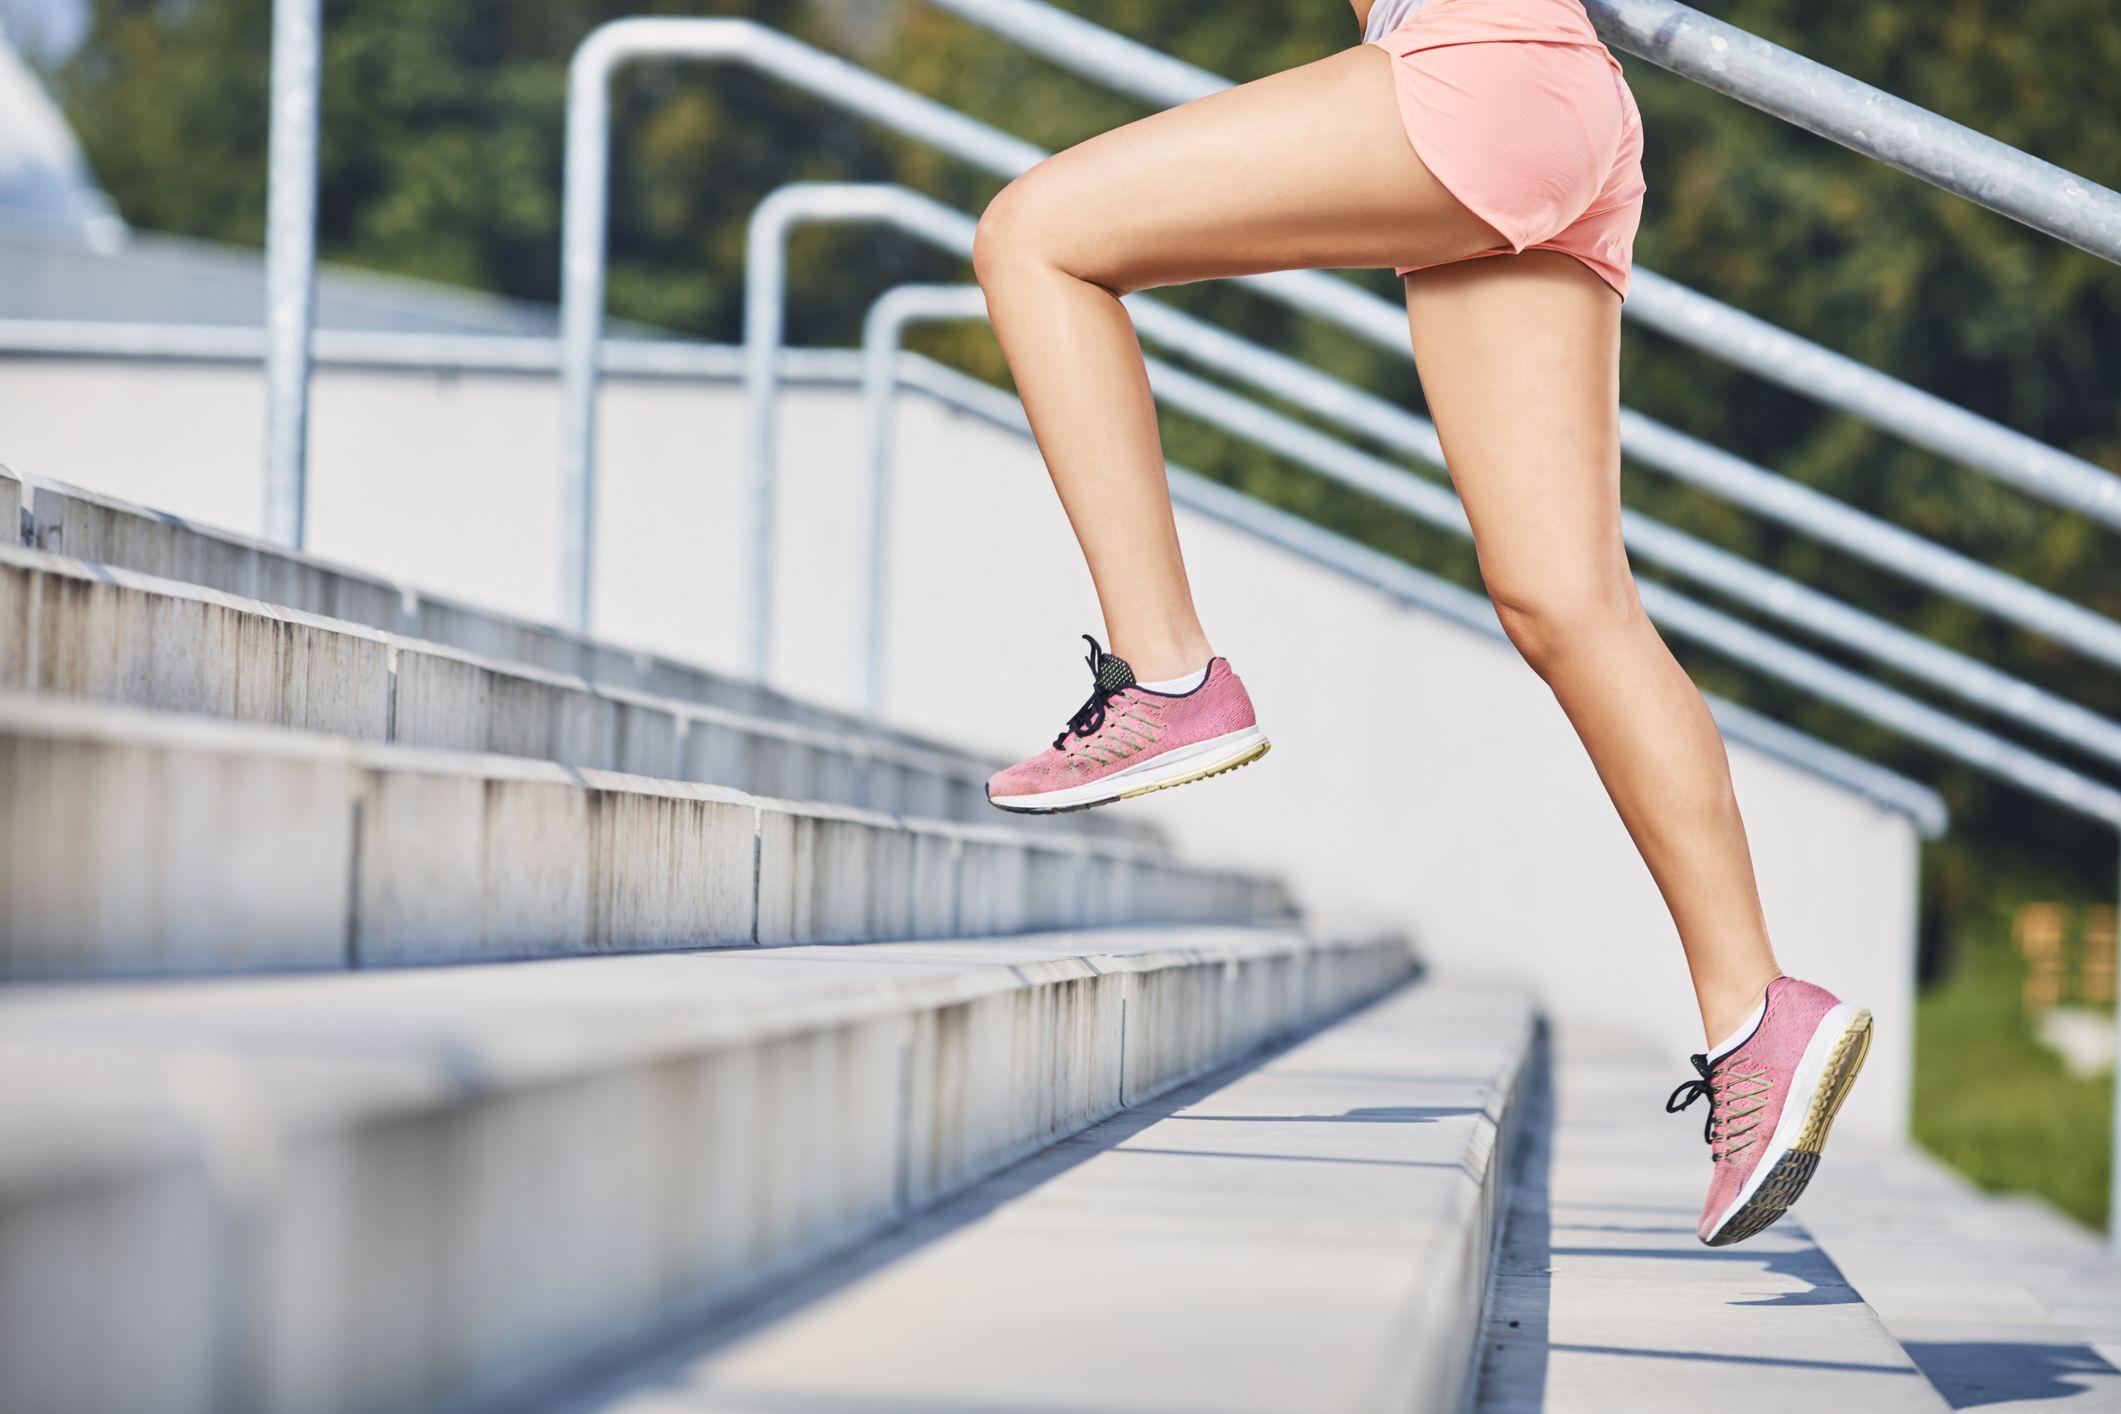 Why we feel the urge to poo when we run